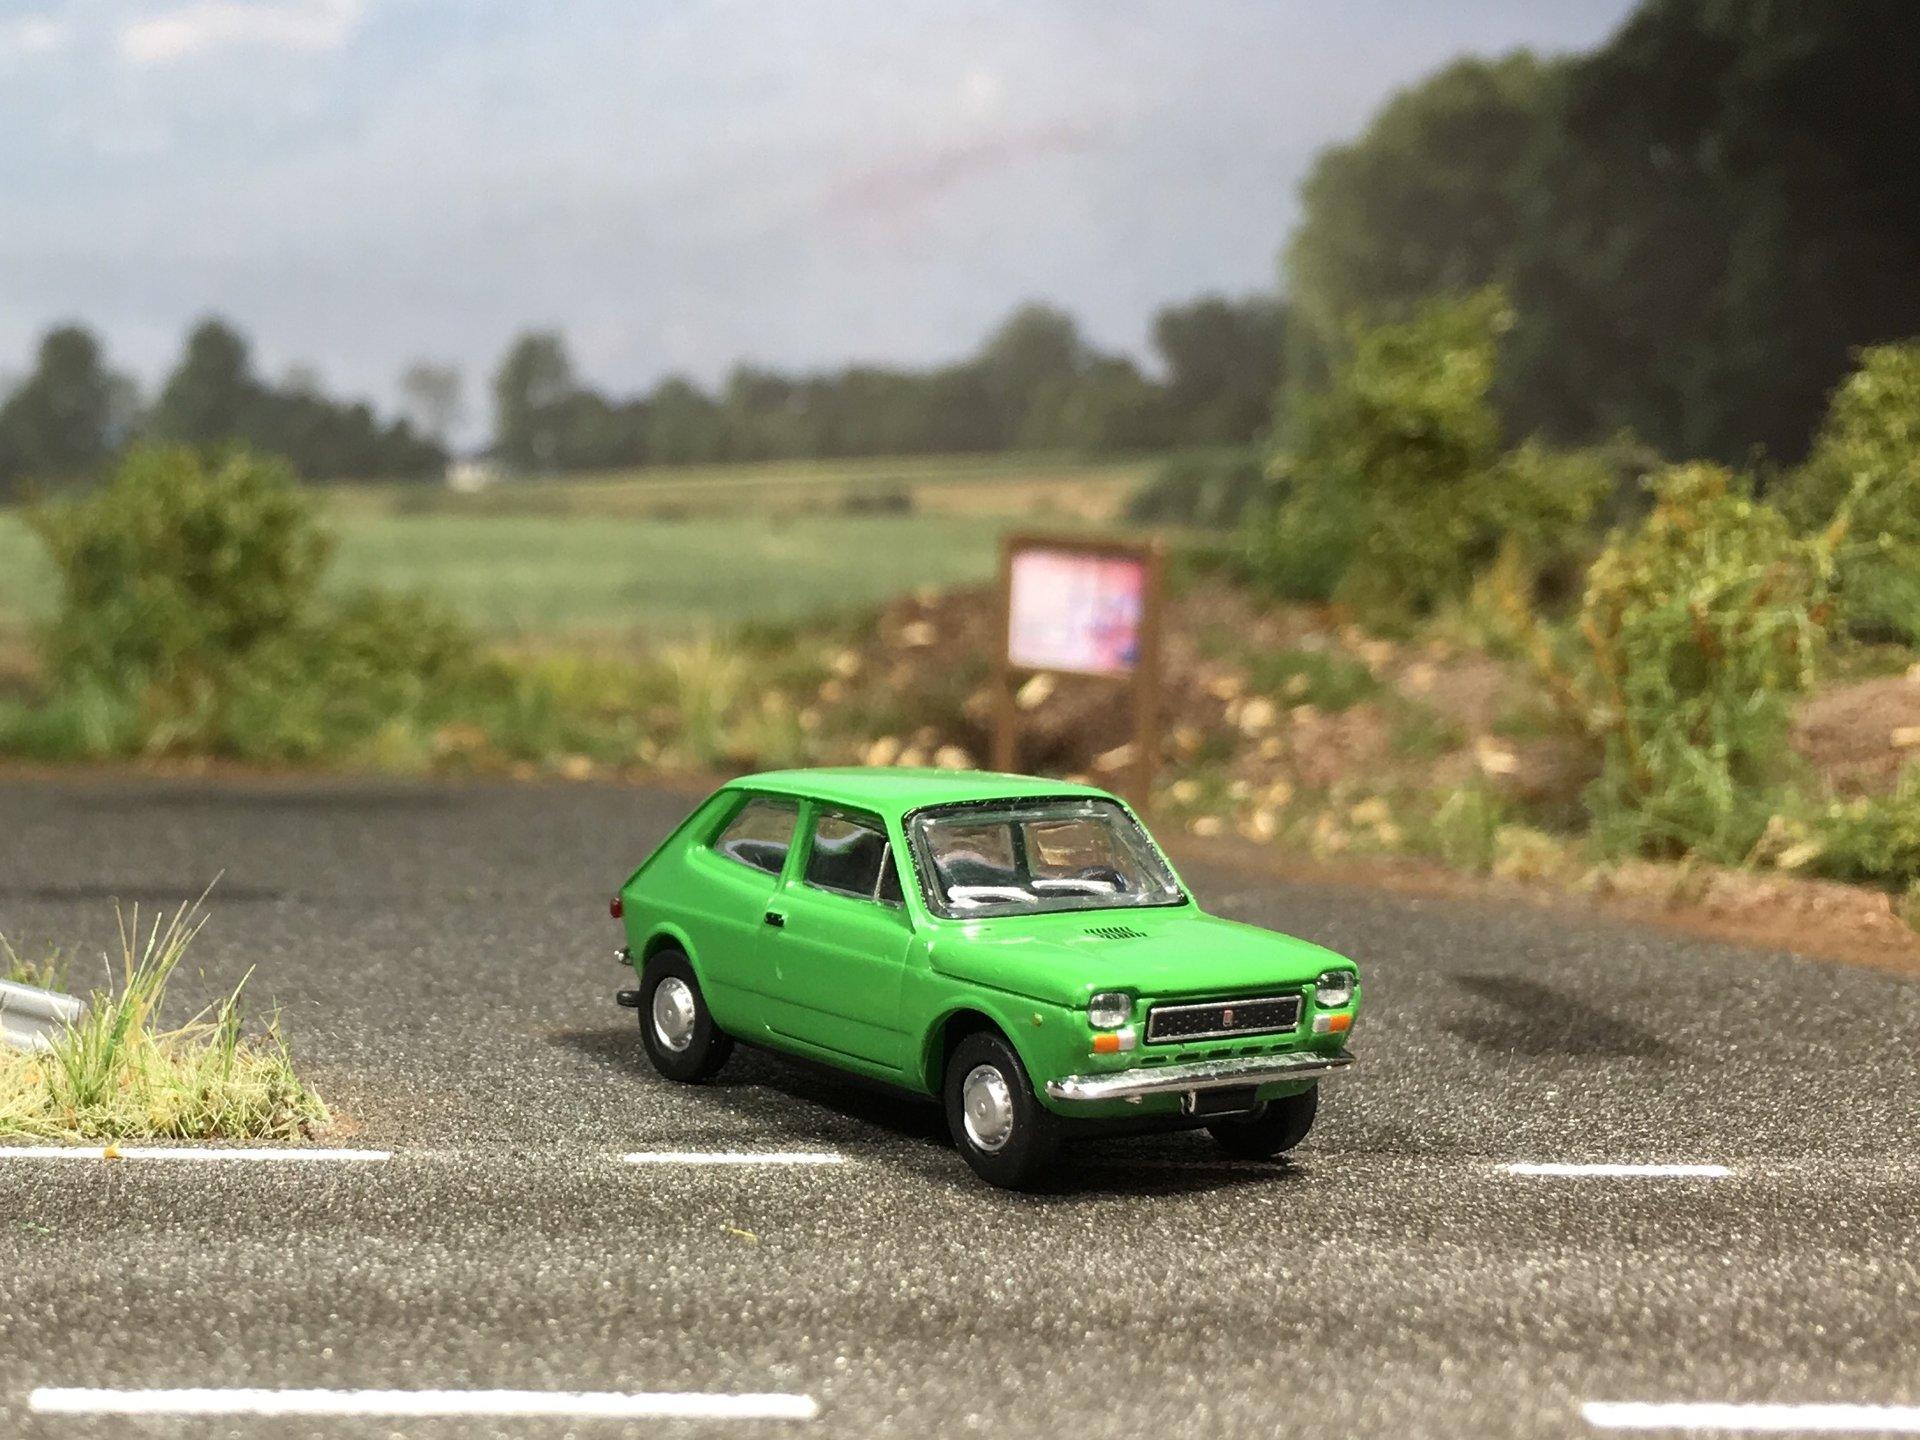 Fiat 127 zielony 002.jpg